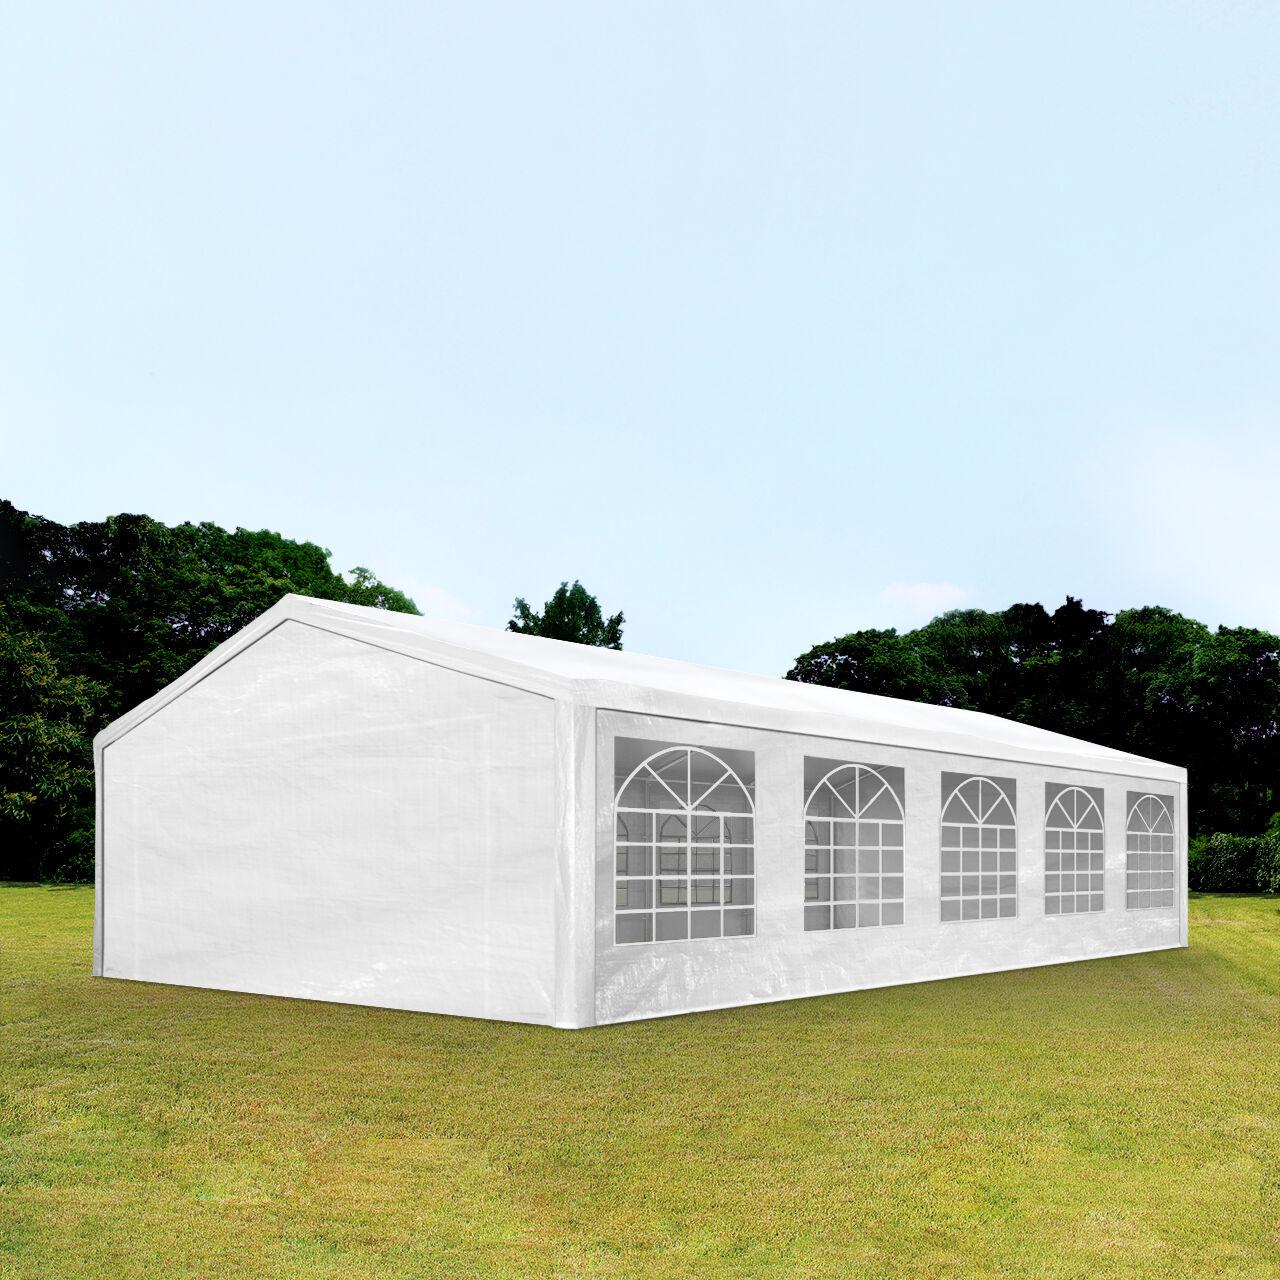 Intent24.fr Tente de réception 5x10m PE 180g/m² blanc imperméable barnum, chapiteau